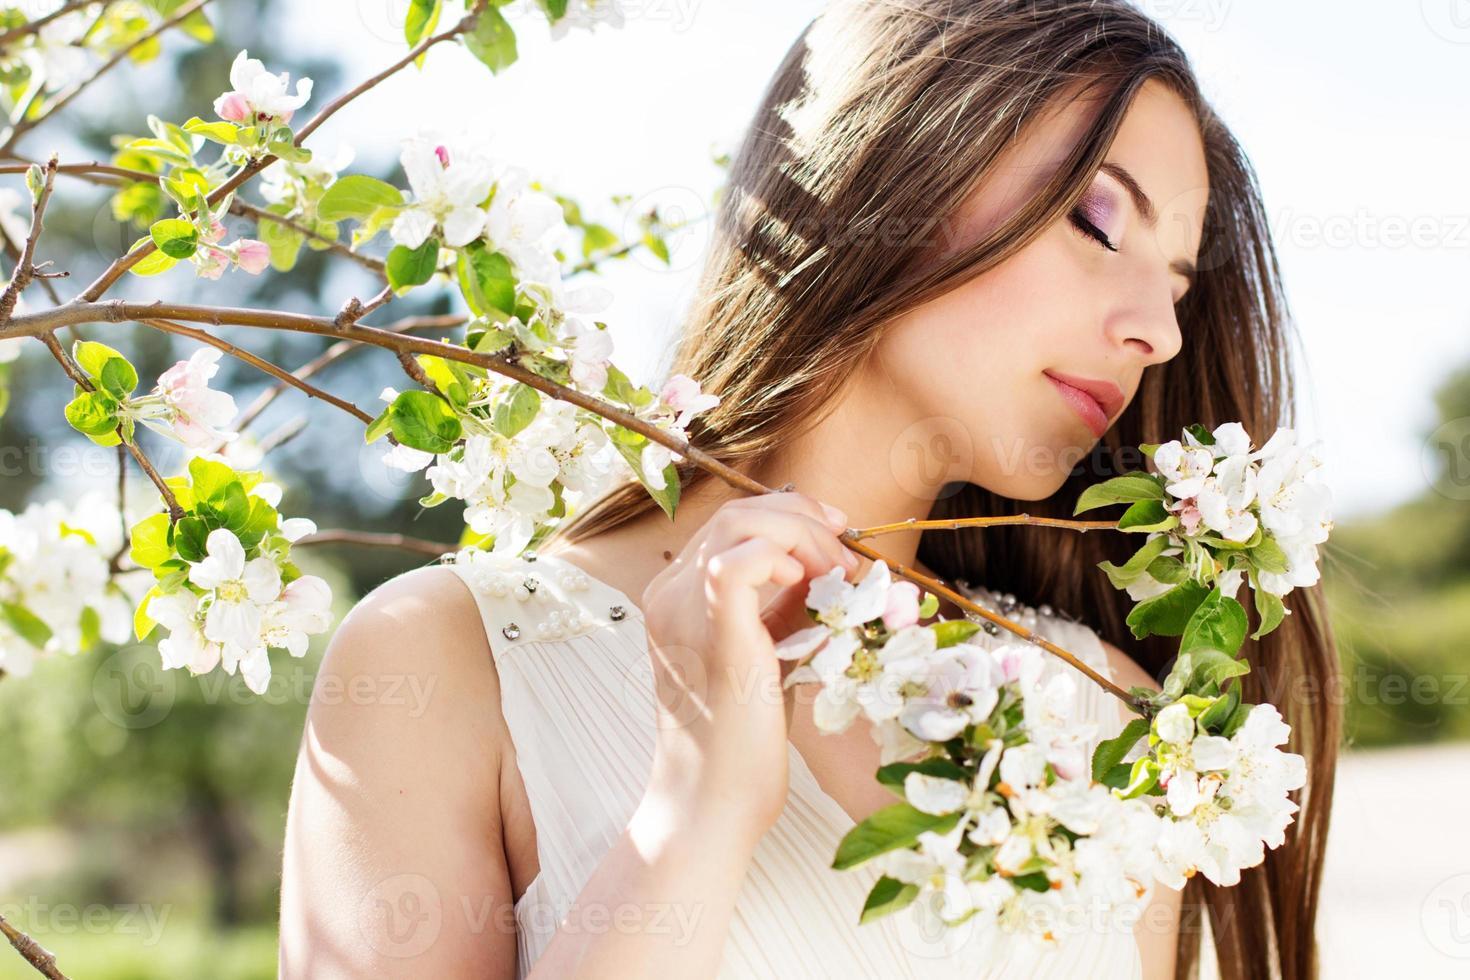 menina bonita em um jardim de flor de cerejeira foto